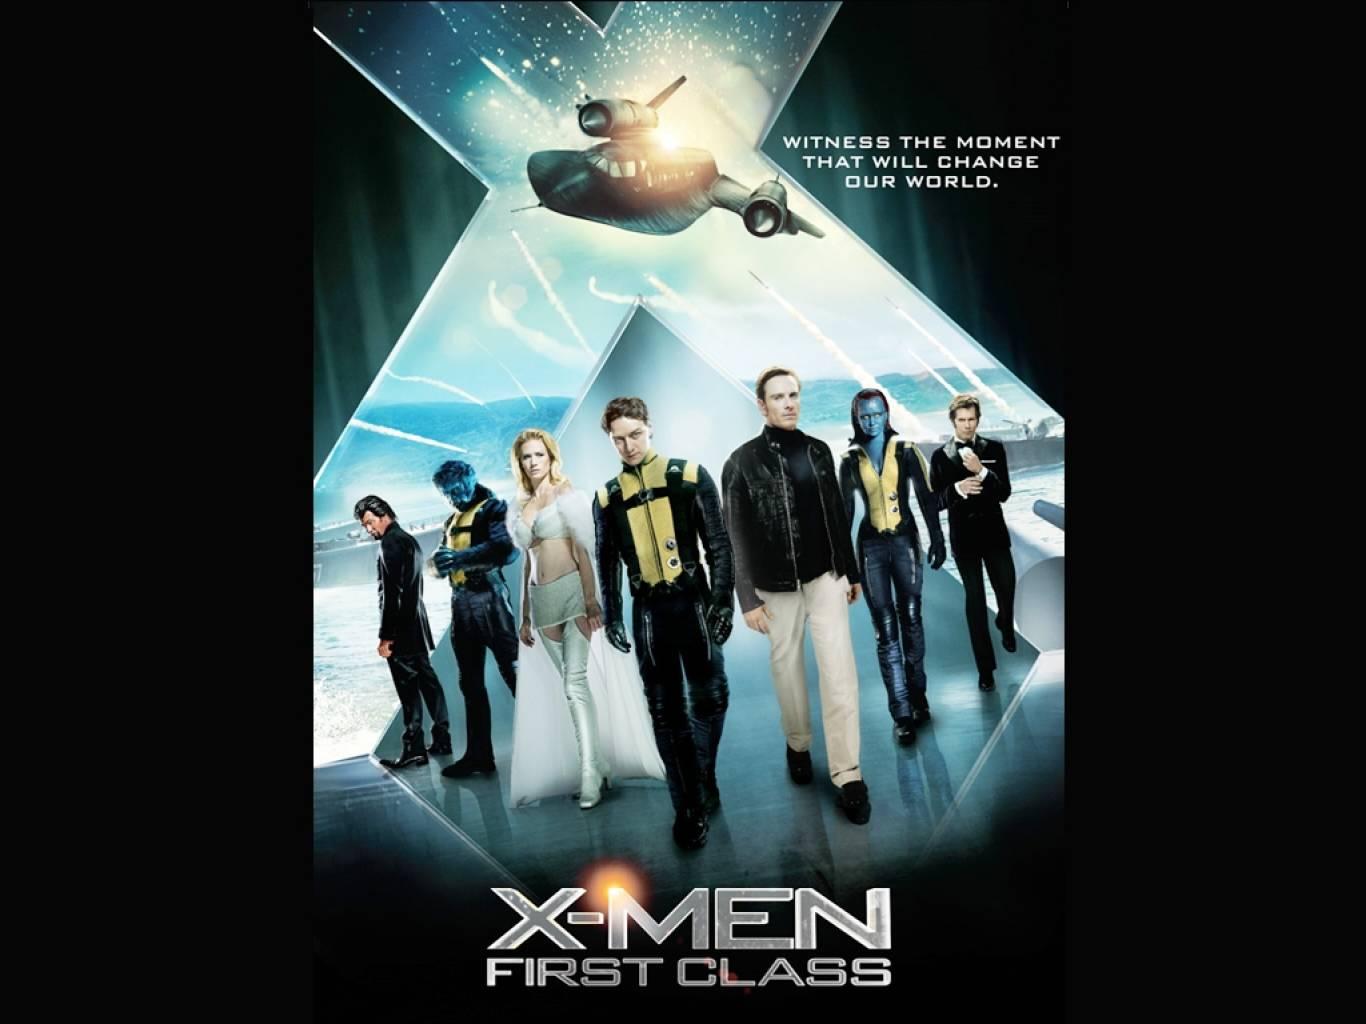 X Men First Class Movie Hd Wallpapers X Men First Class Hd